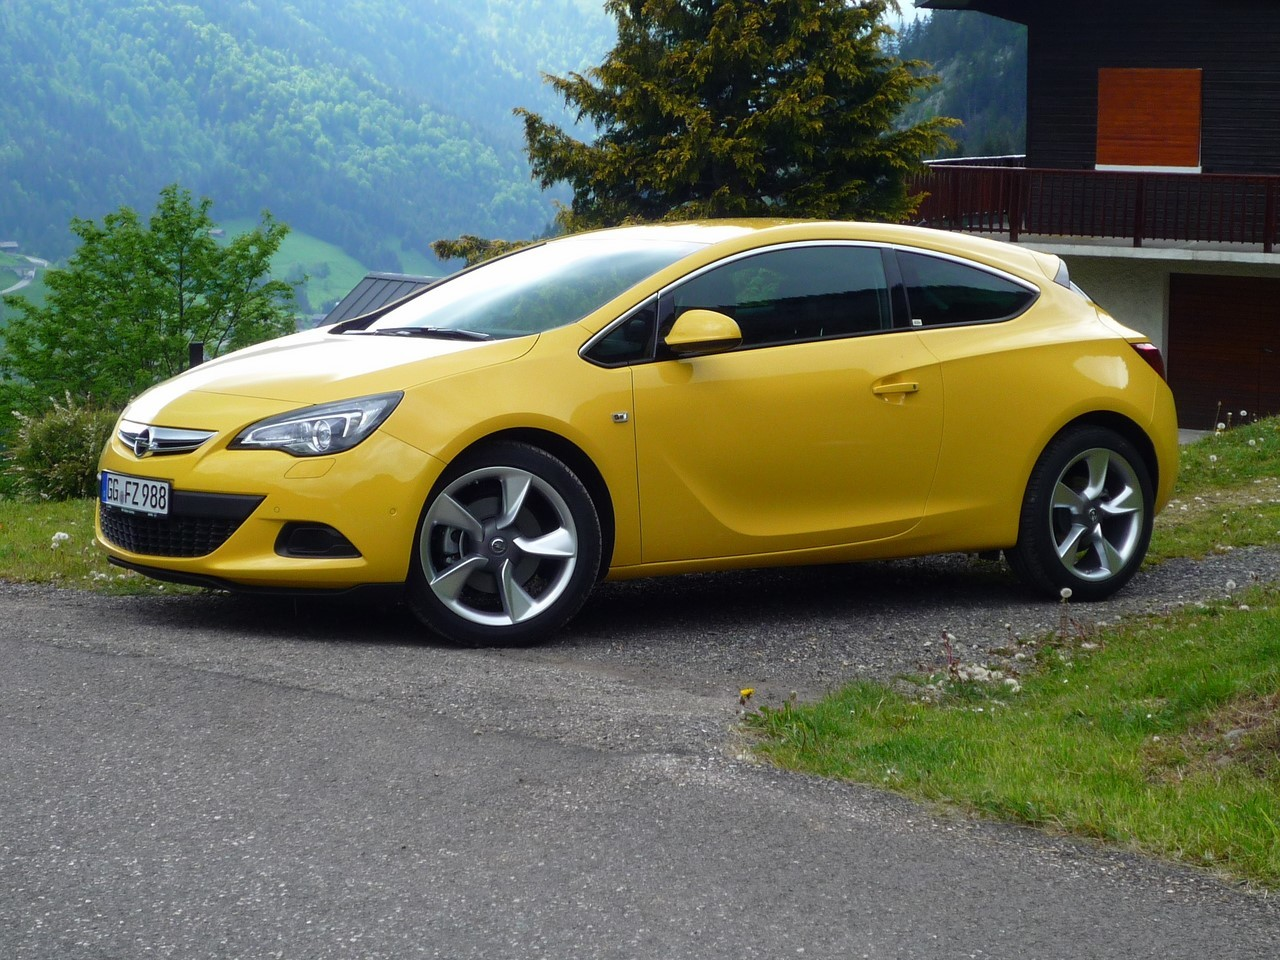 Essai Opel Astra GTC 200 ch : le chaînon manquant ?